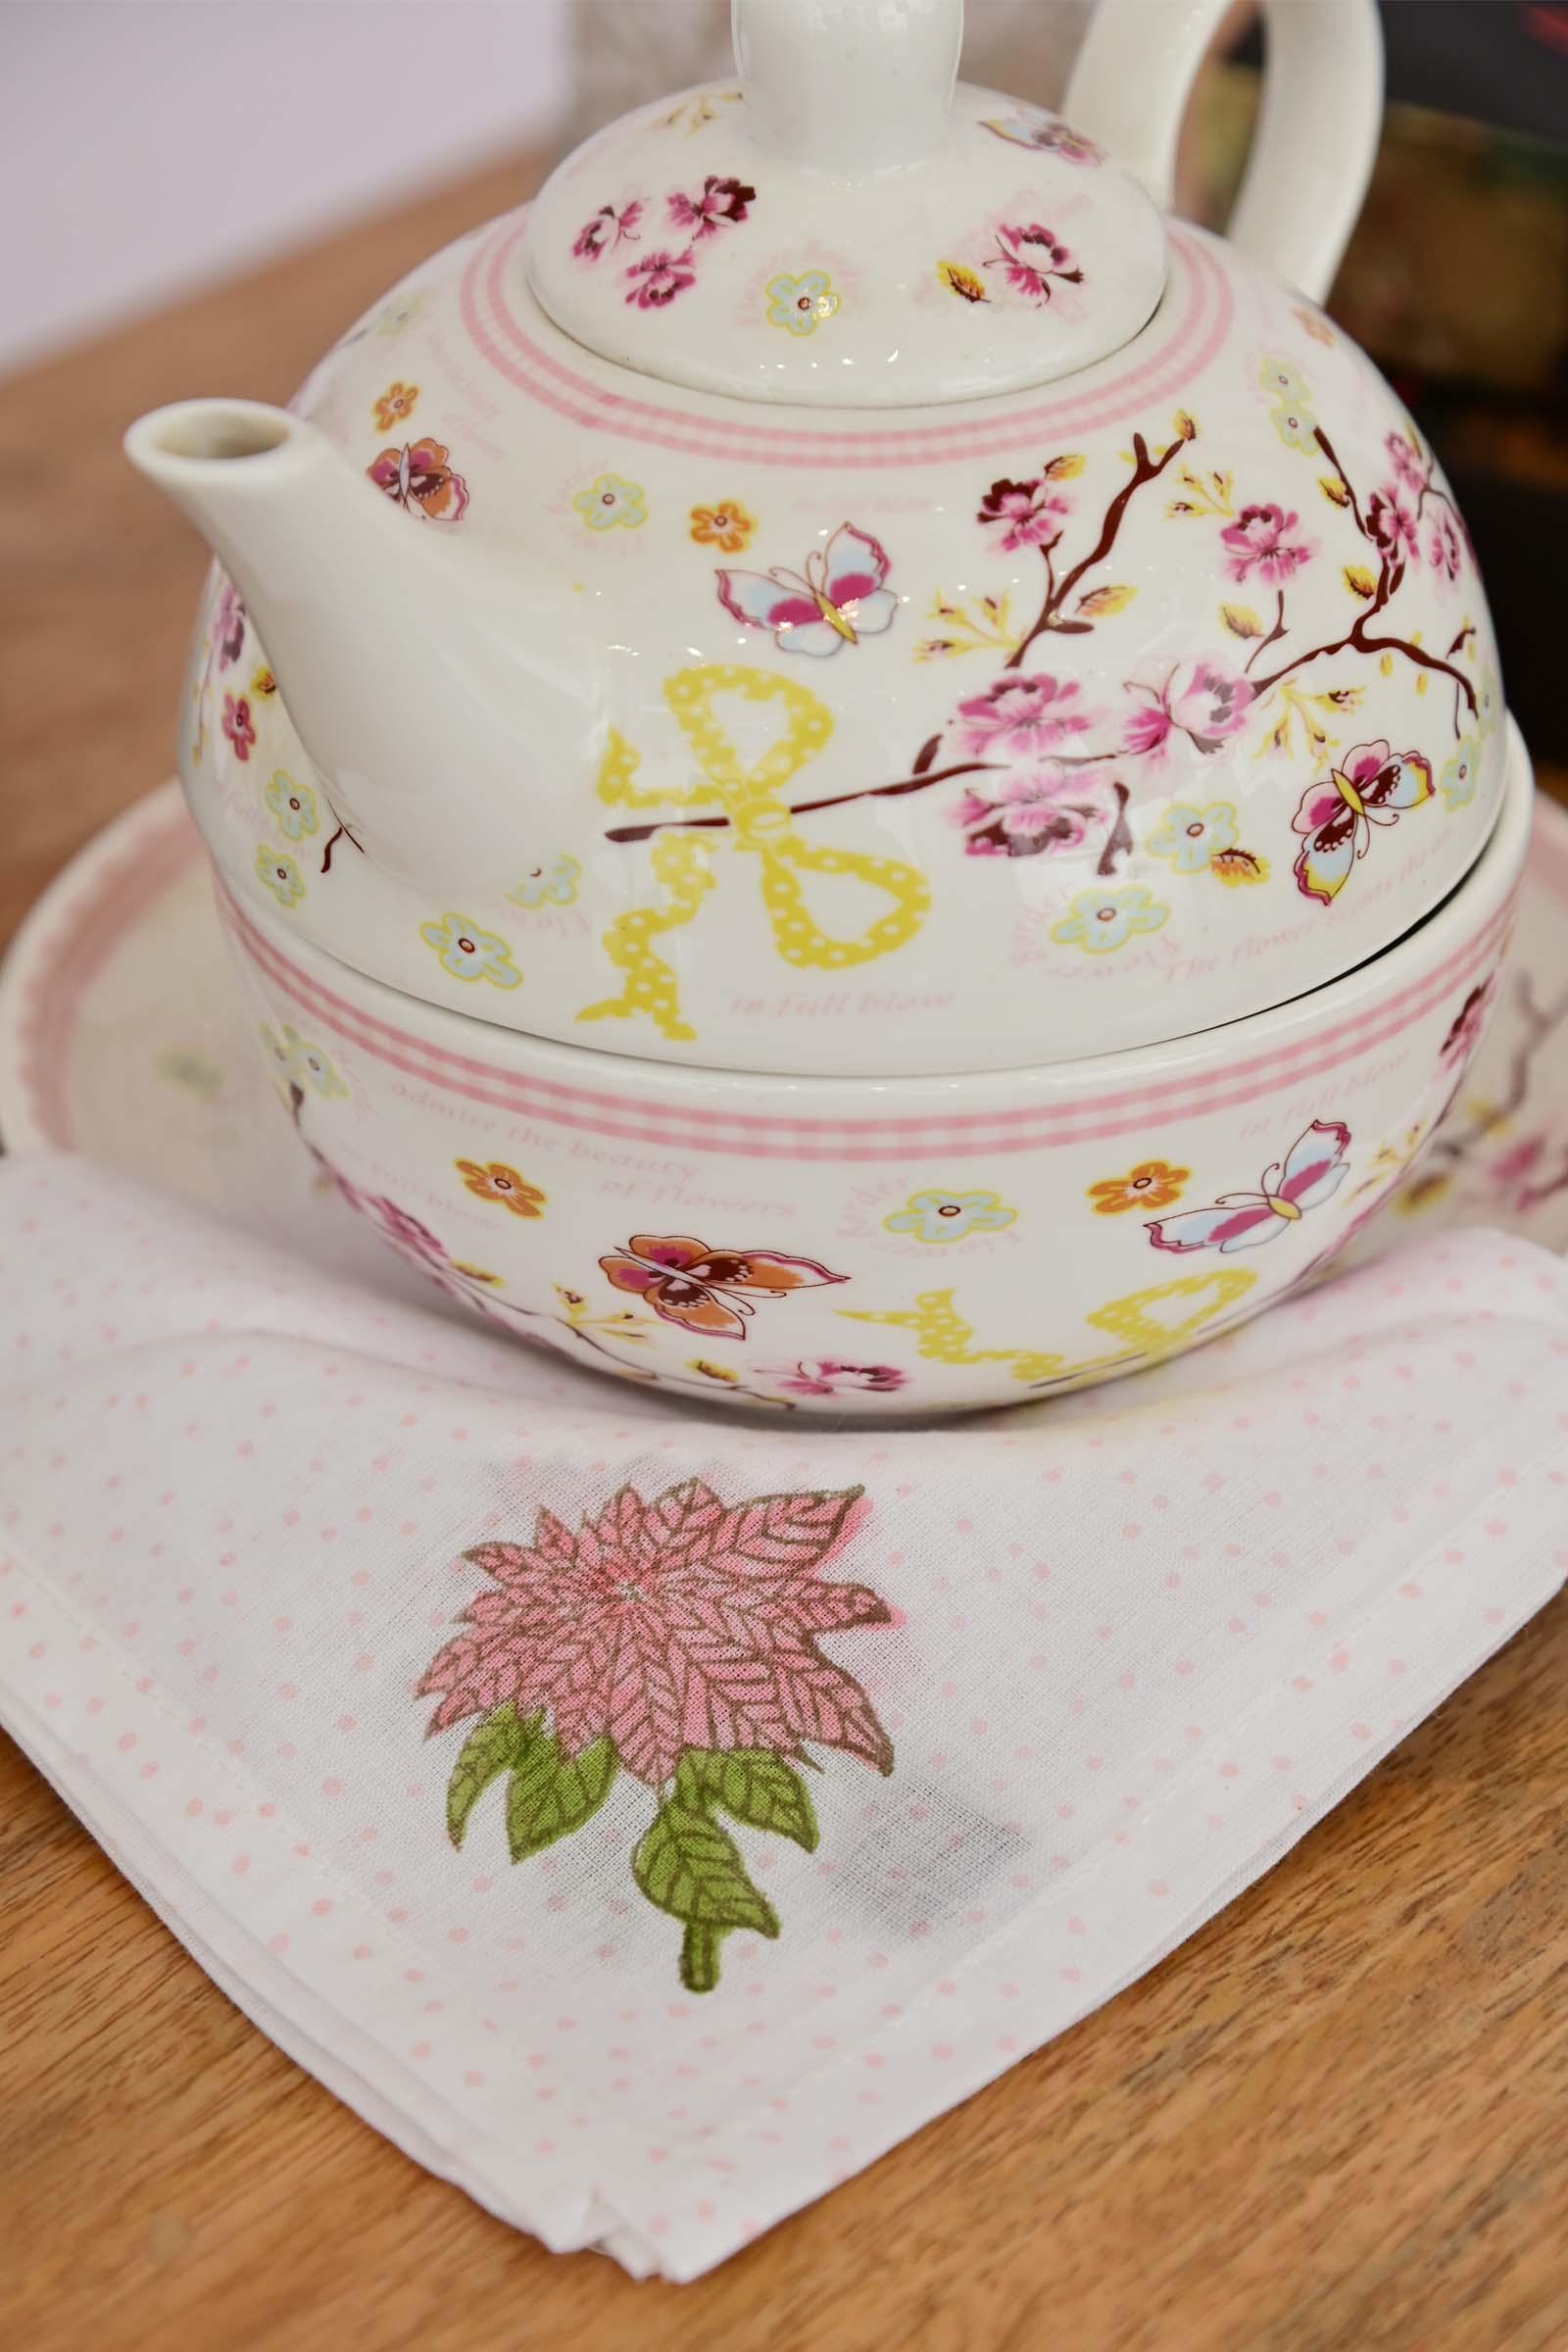 Poinsettia Floral Printed Tea Napkin Set Of 6